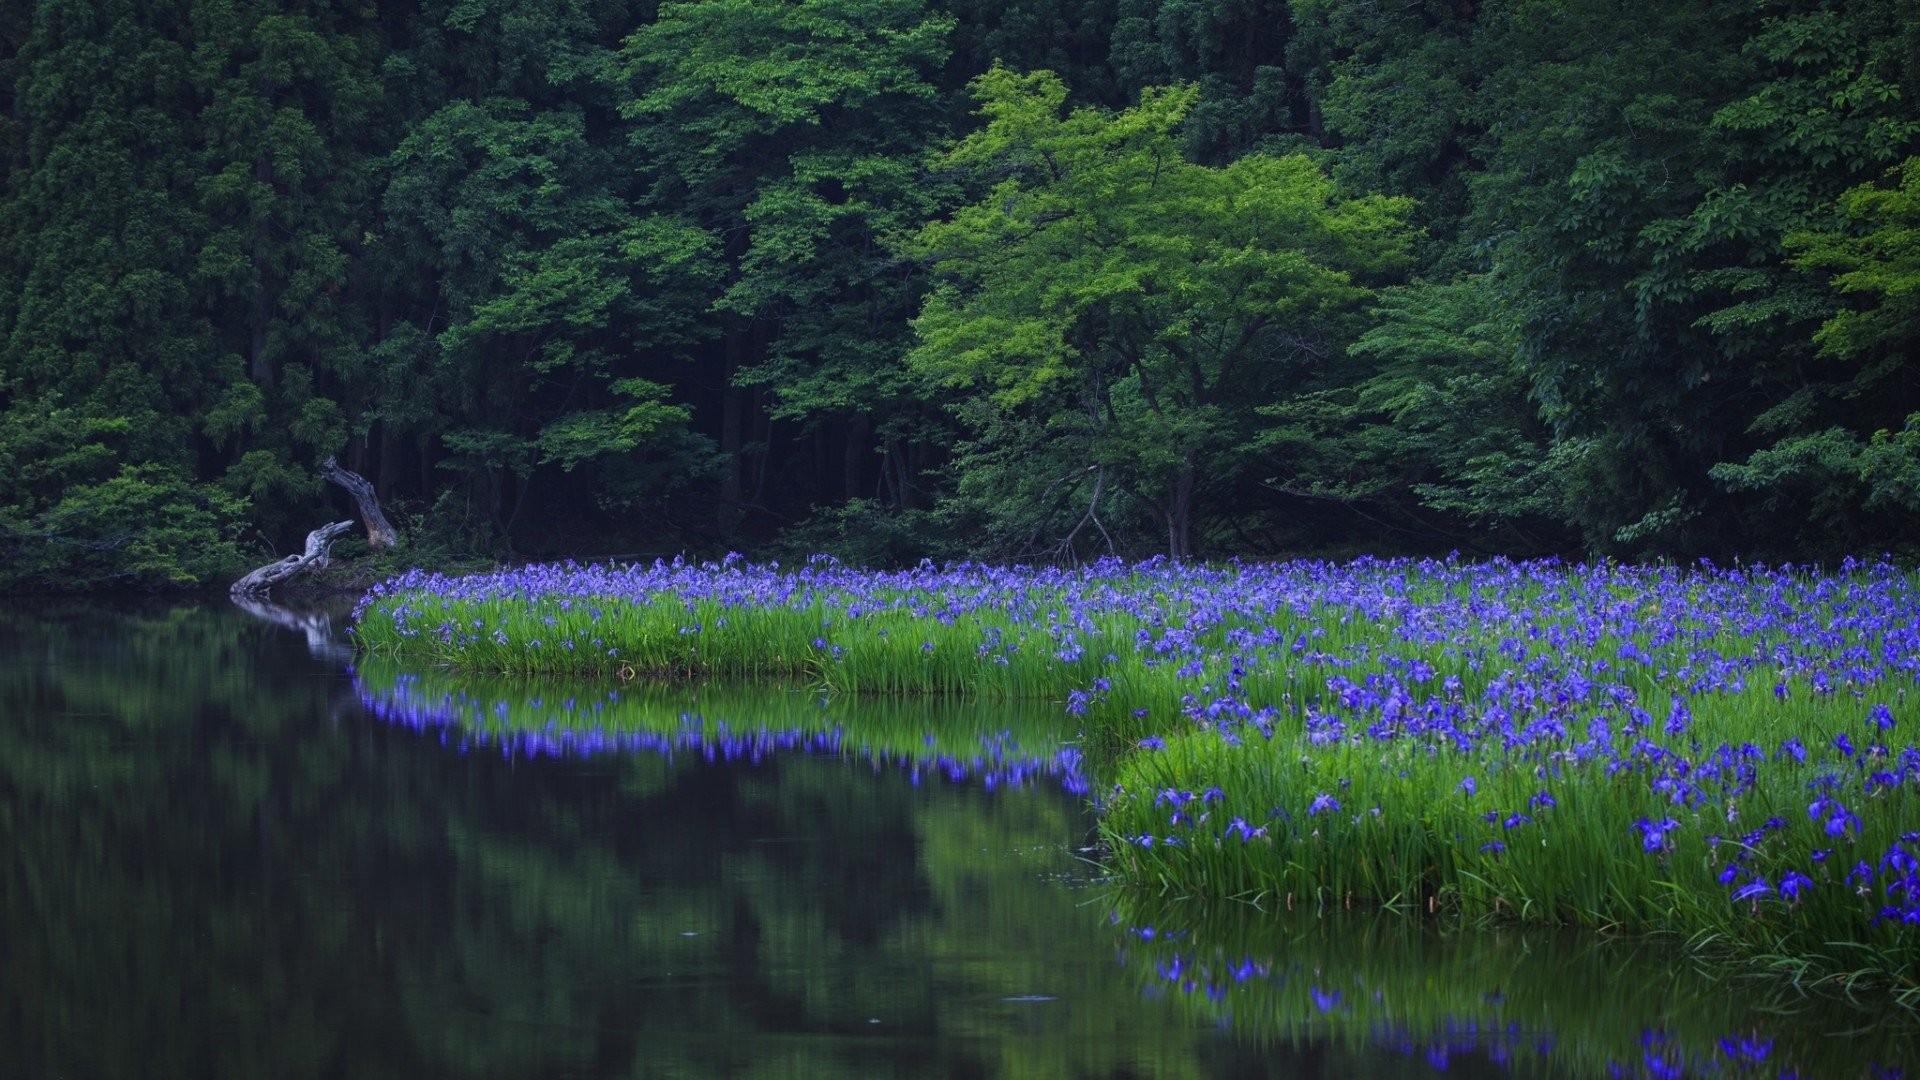 Fond D Ecran Paysage Foret Lac La Nature Champ Fleurs Bleues